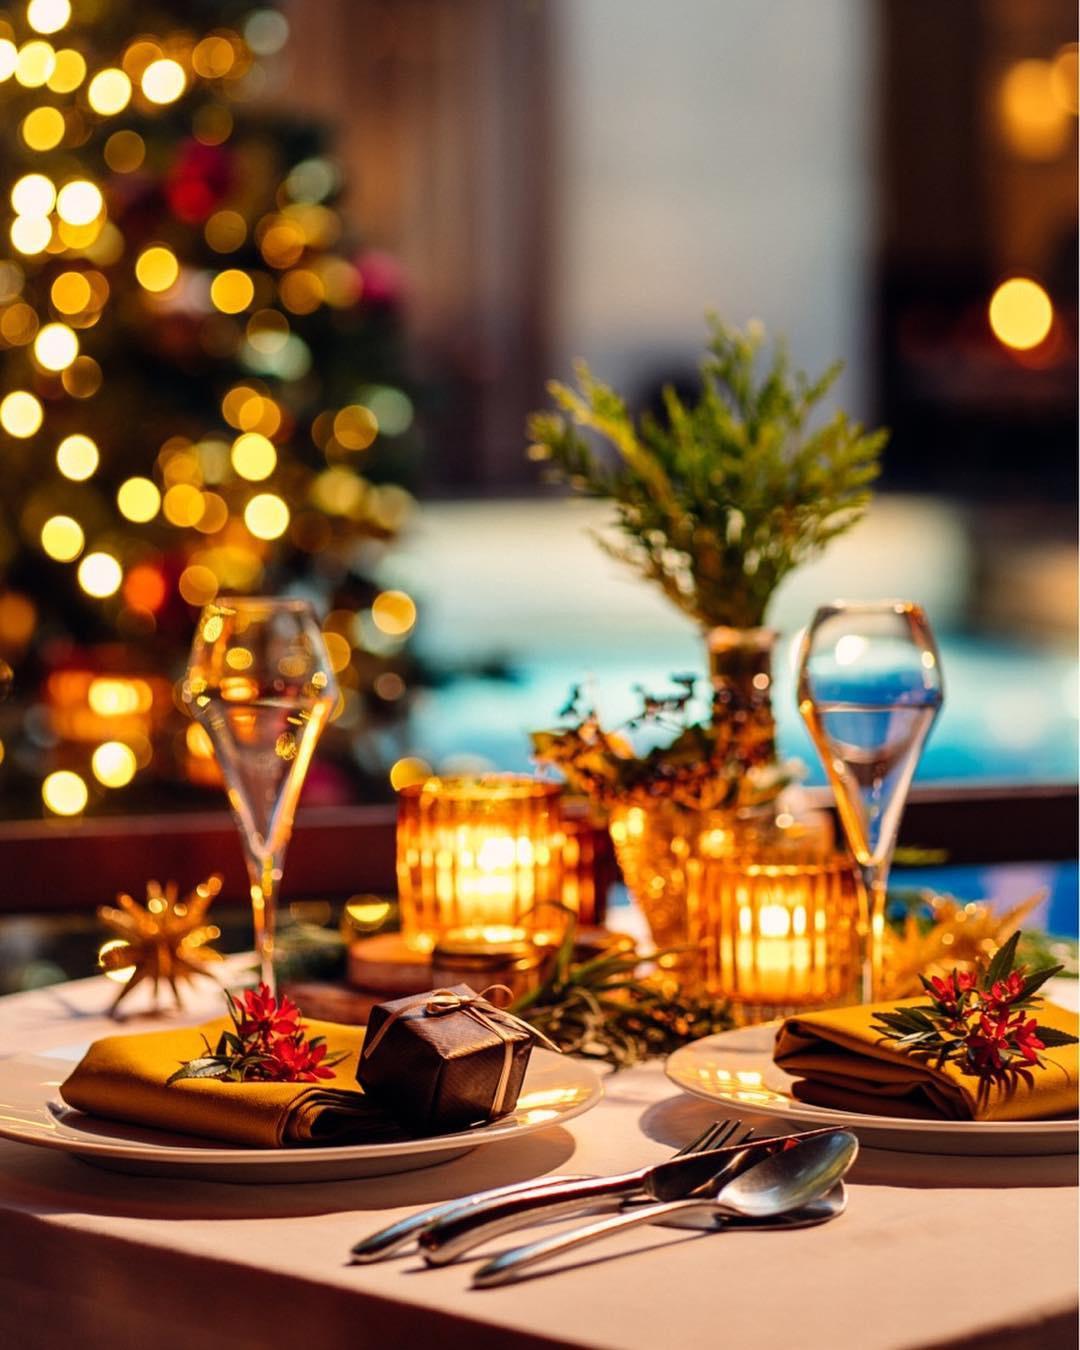 PREMIUM CHRISTMAS DINNER -最高のクリスマスの過ごし方-